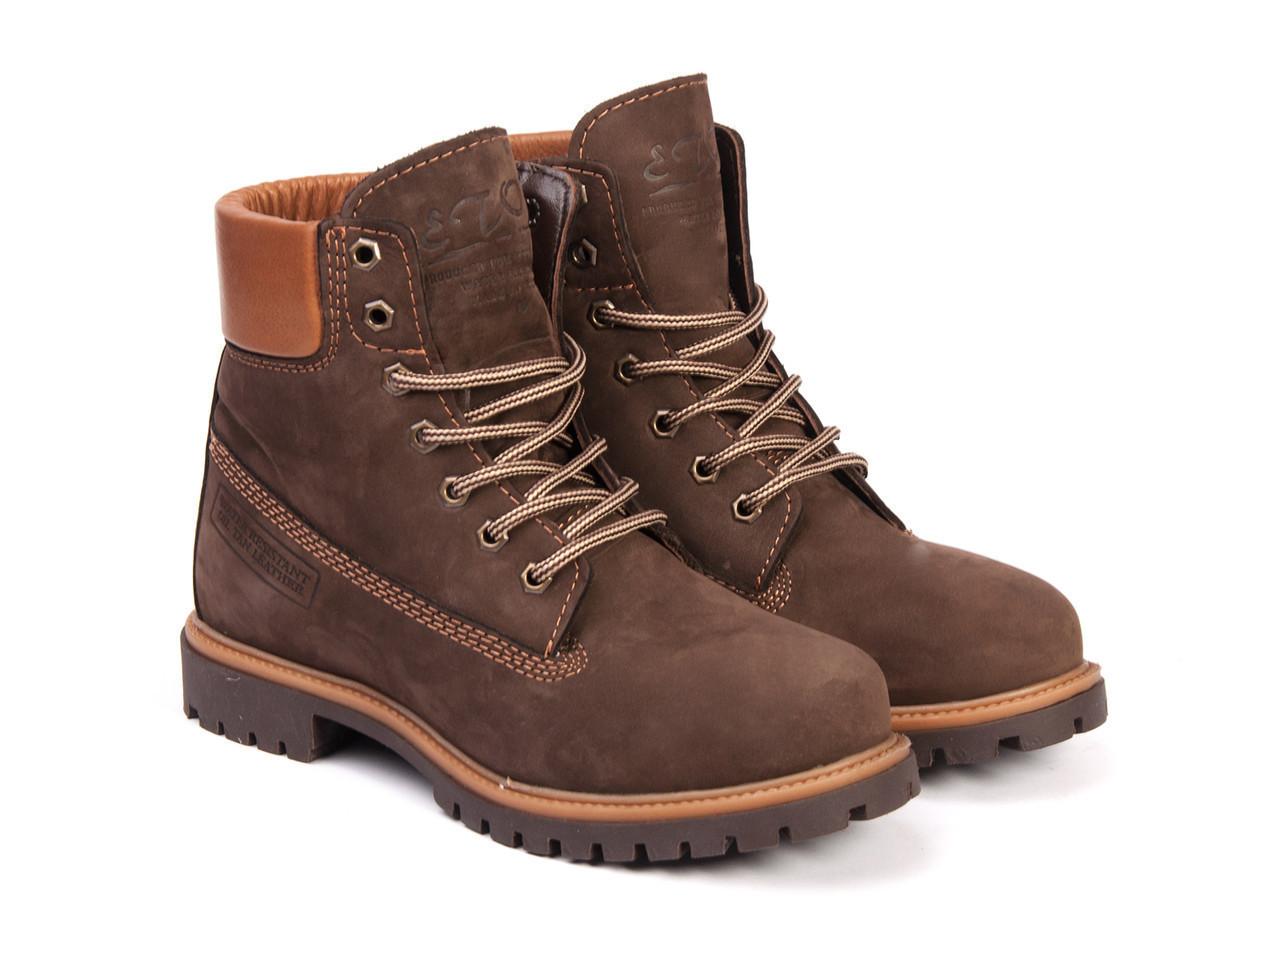 Ботинки Etor 9916-2298-02 43 коричневые